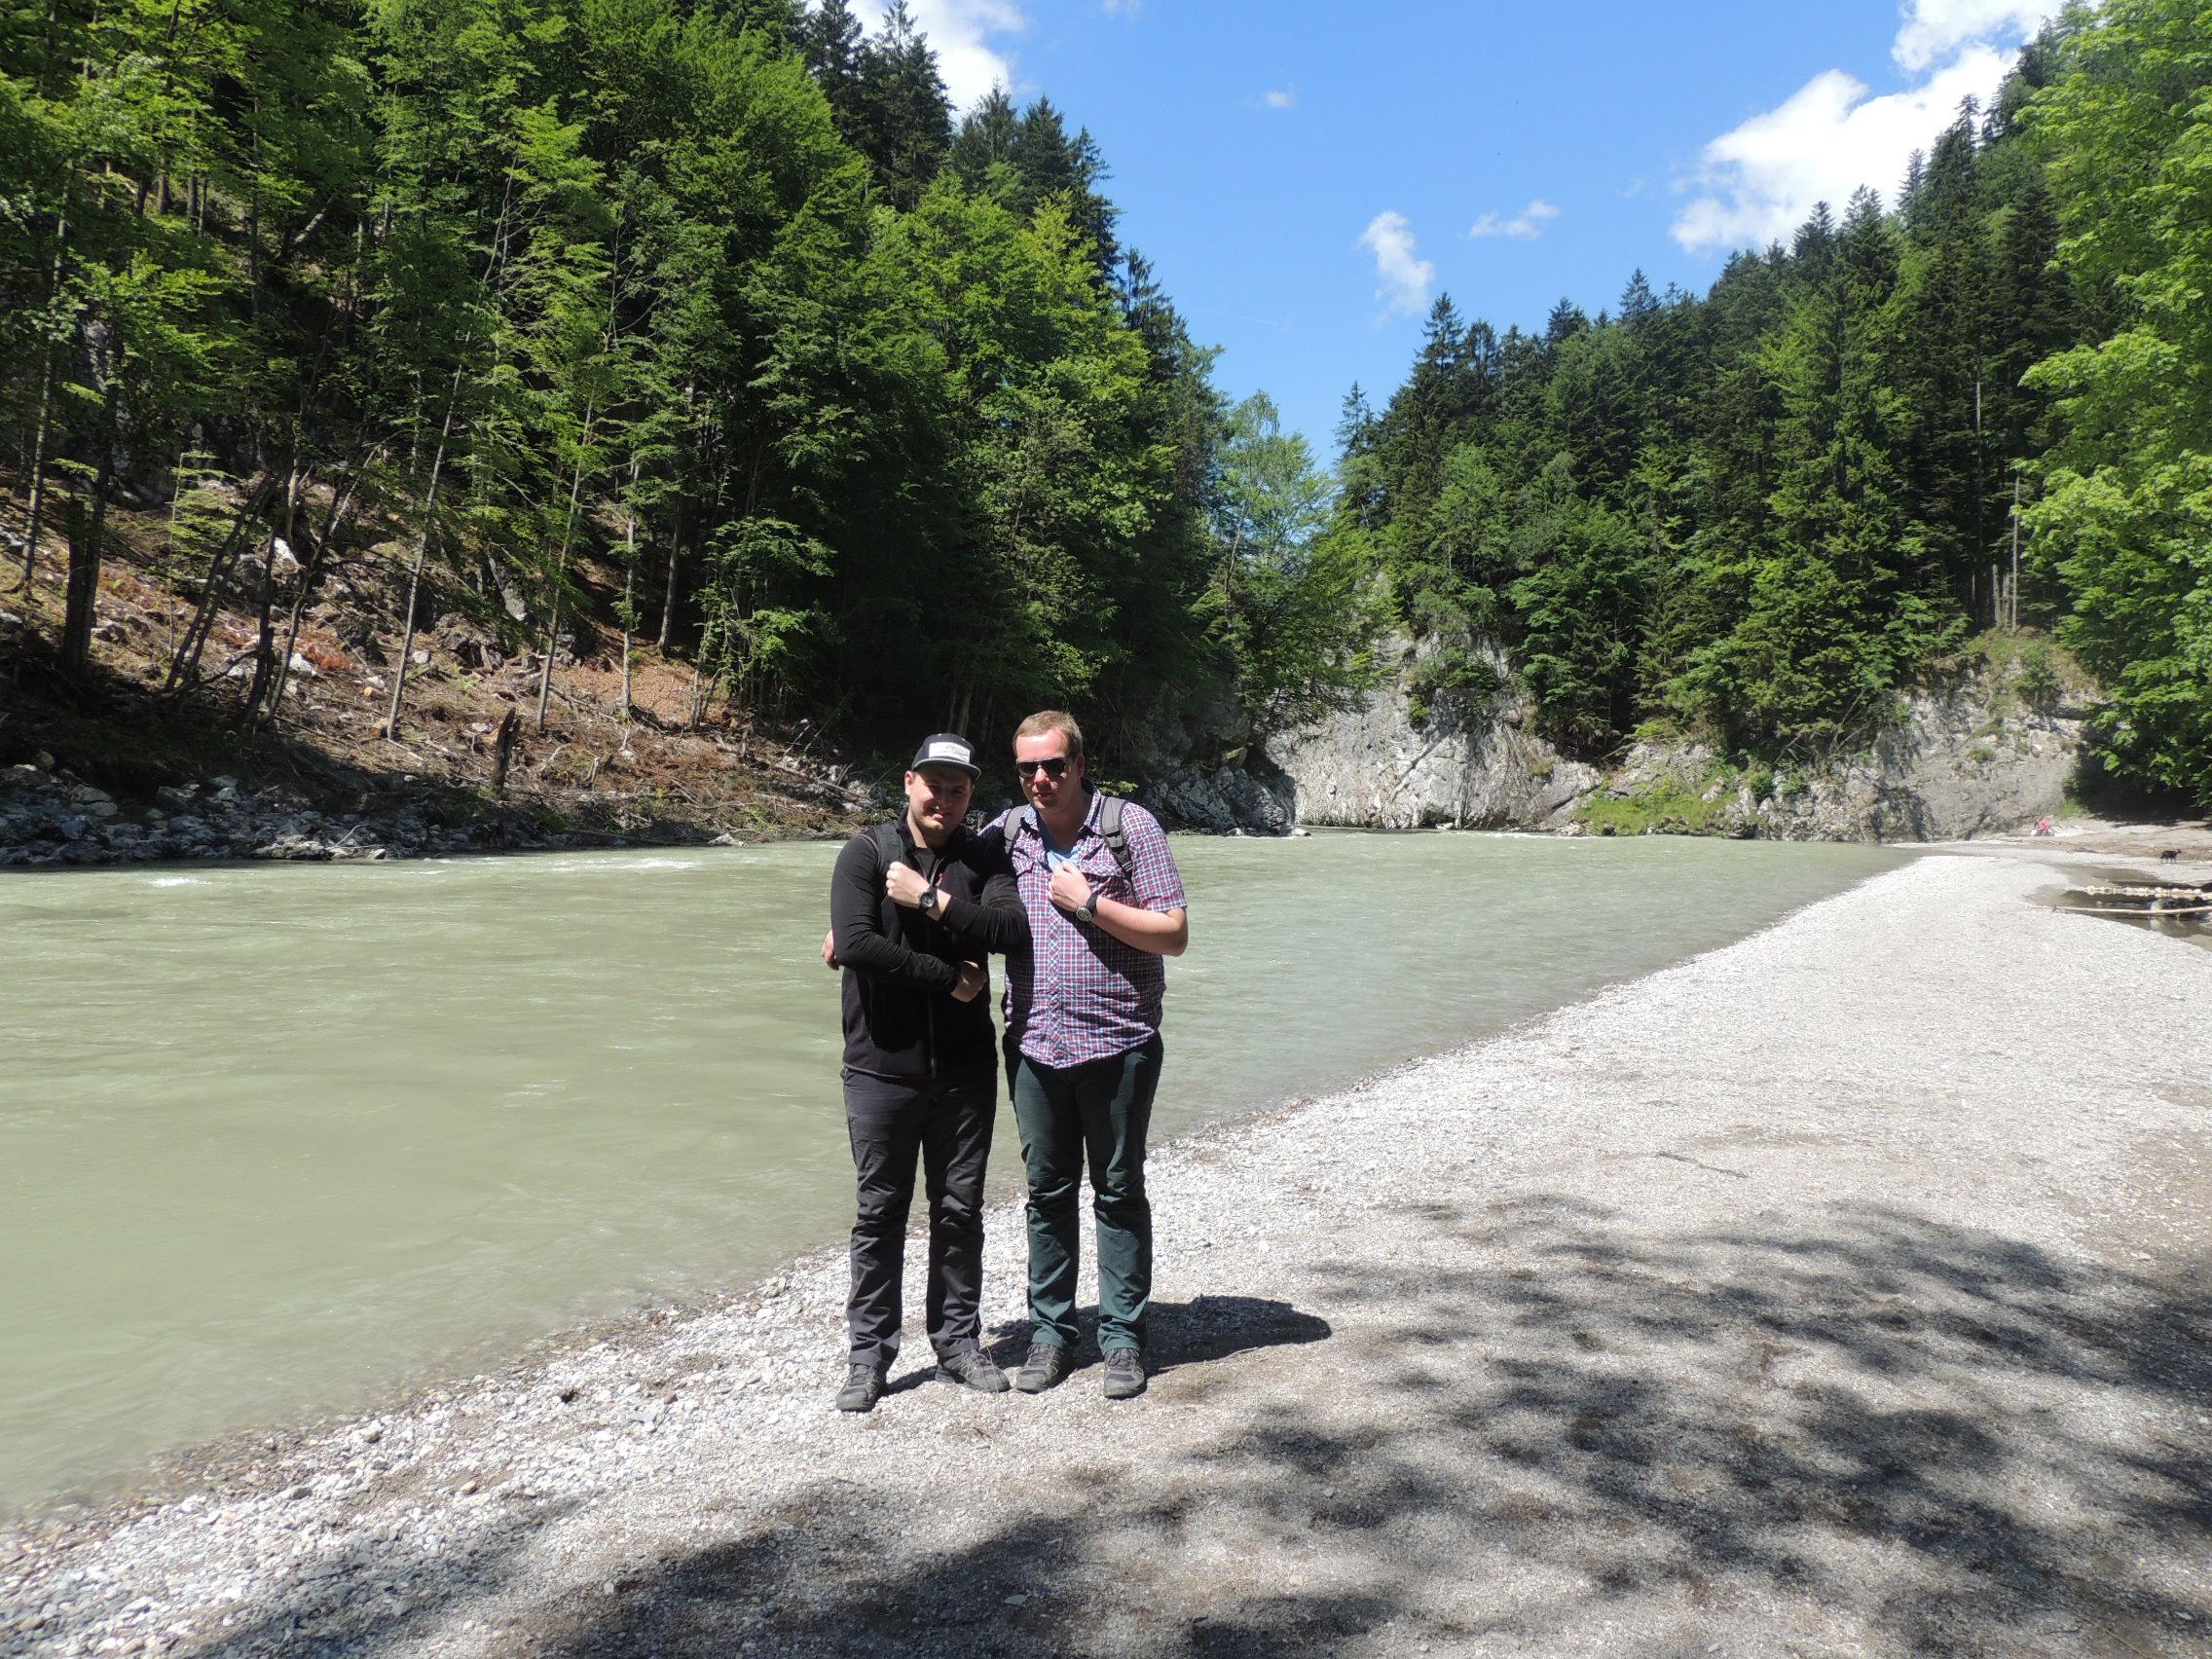 Chris und Josh am Ufer der Tiroler Ache